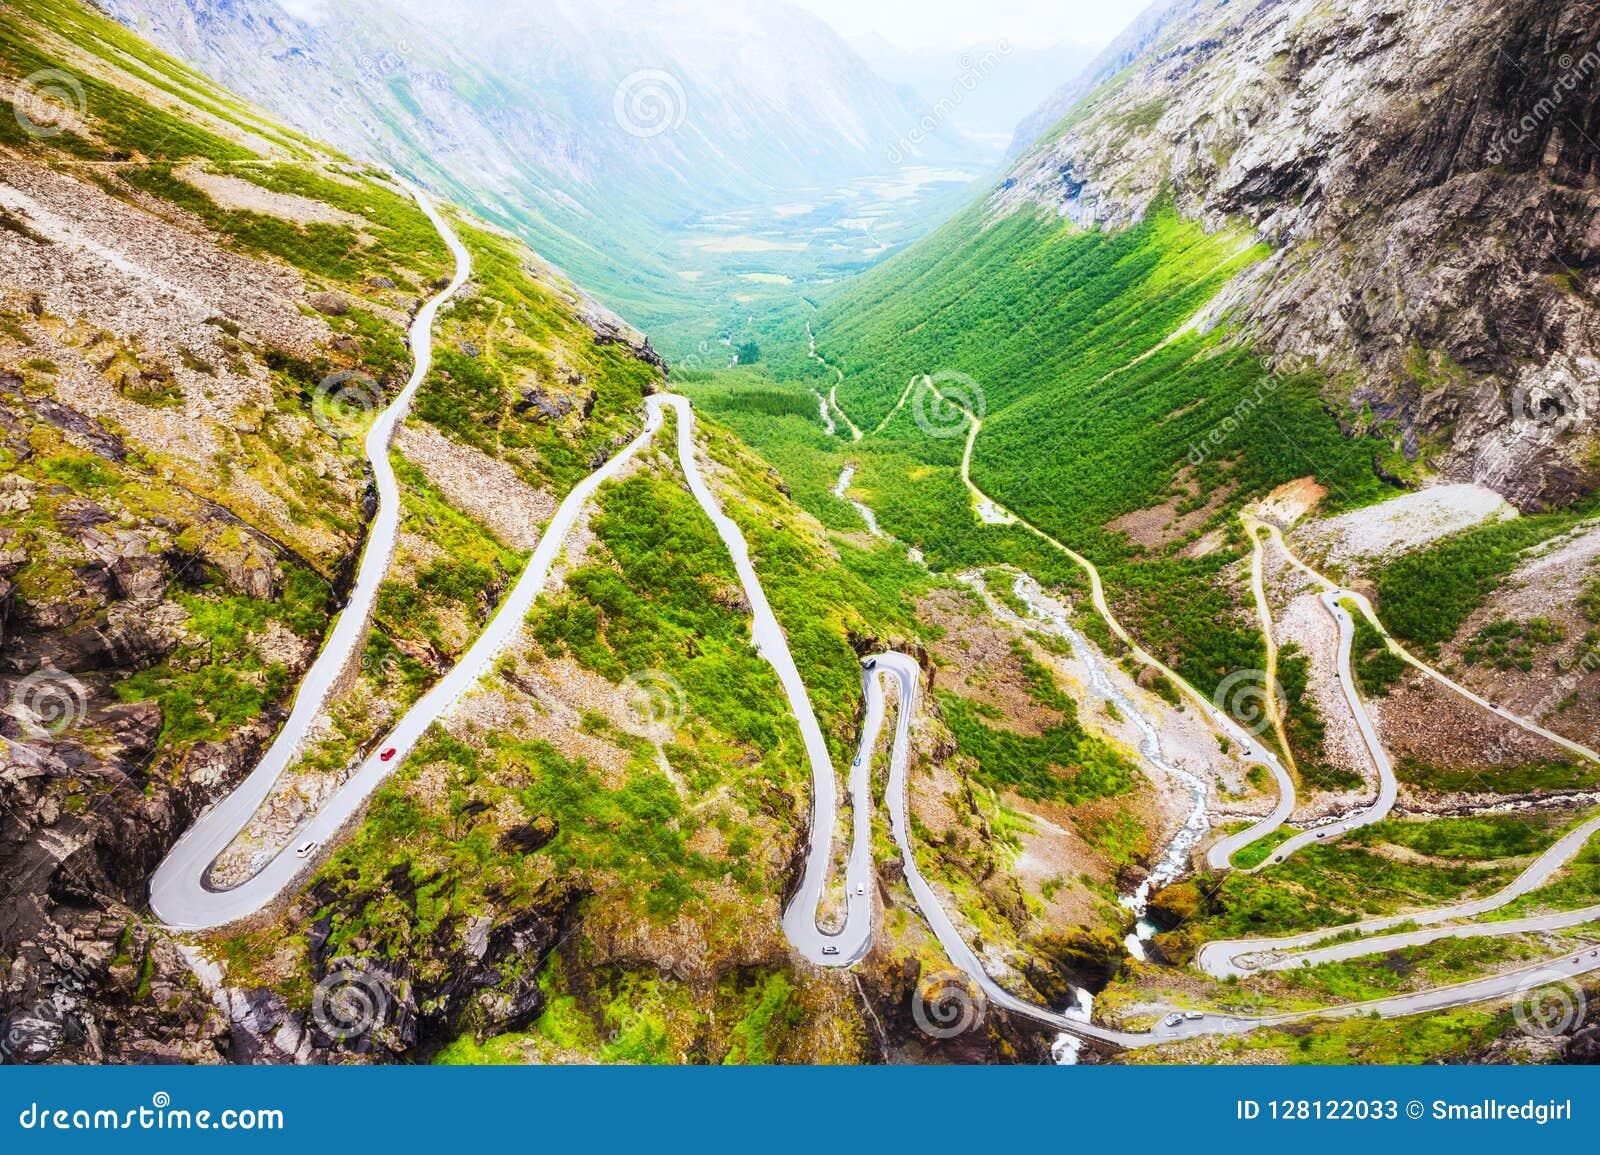 Route de Troll, destination touristique célèbre en Norvège